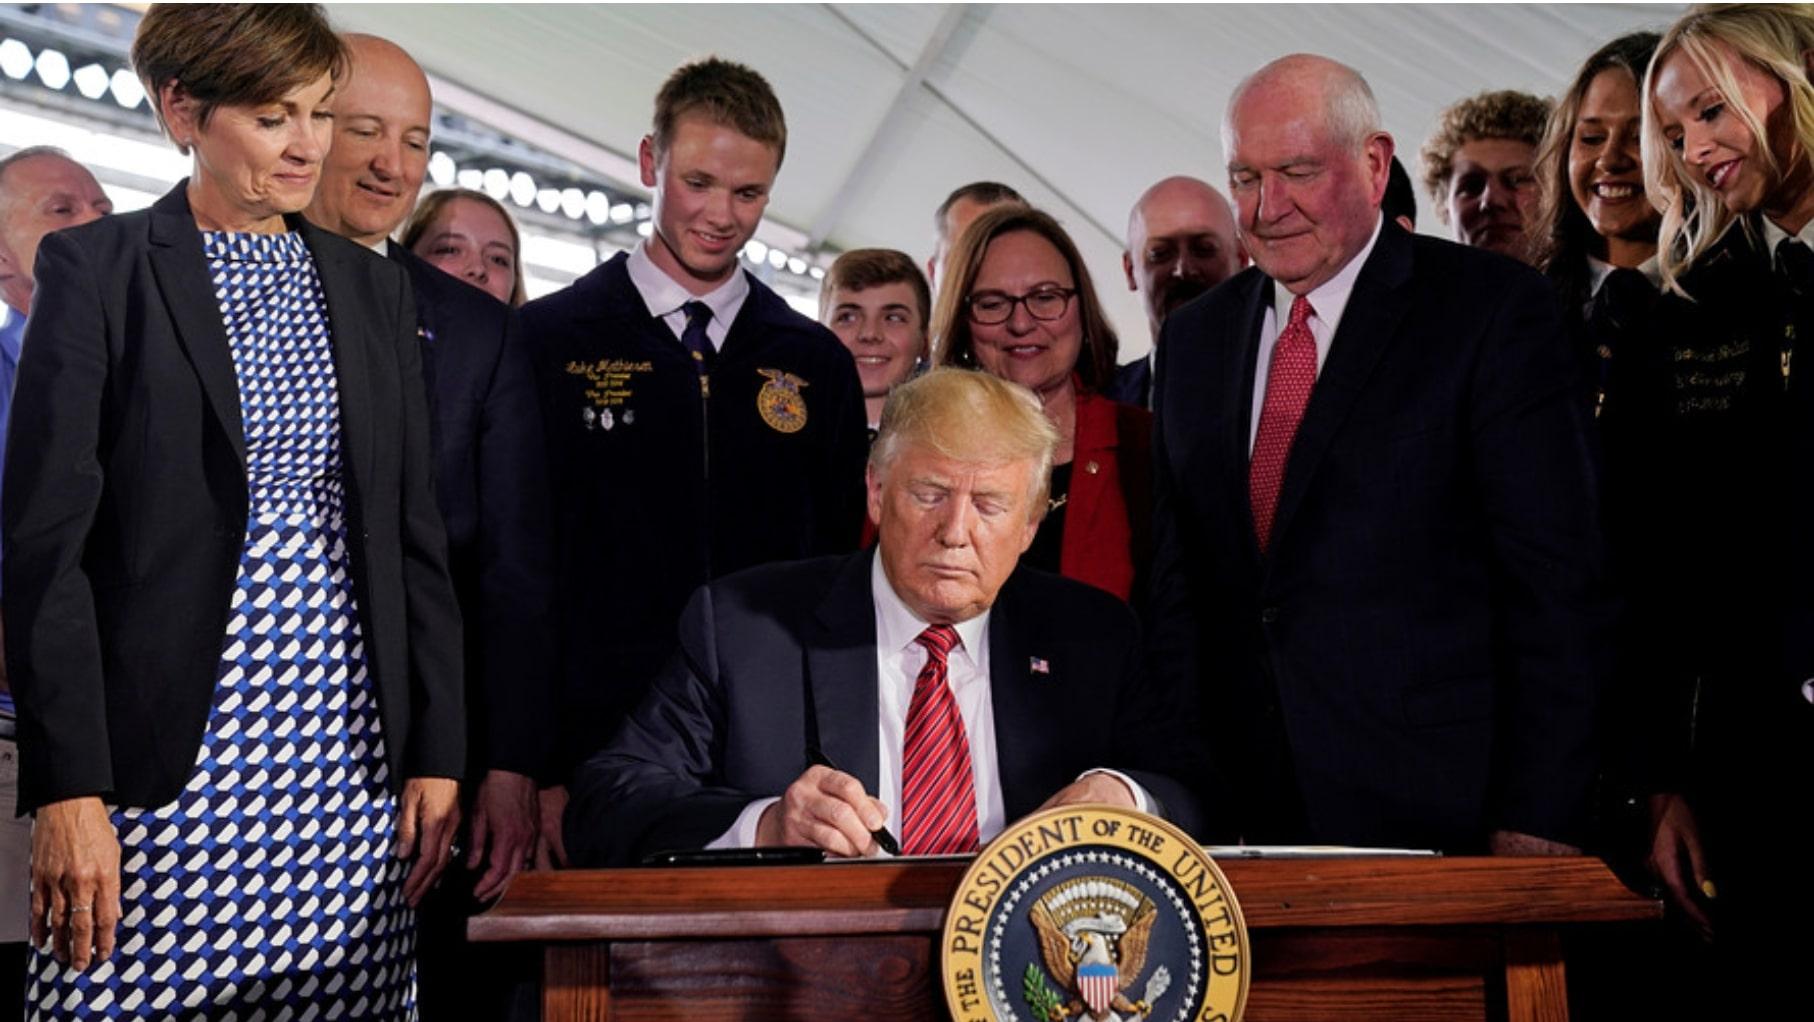 Ảnh: Tổng thống Mỹ Donald Trump vừa ký thông qua lệnh về tinh giản quy trình cấp phép cho cây trồng biến đổi gen (Reuters)